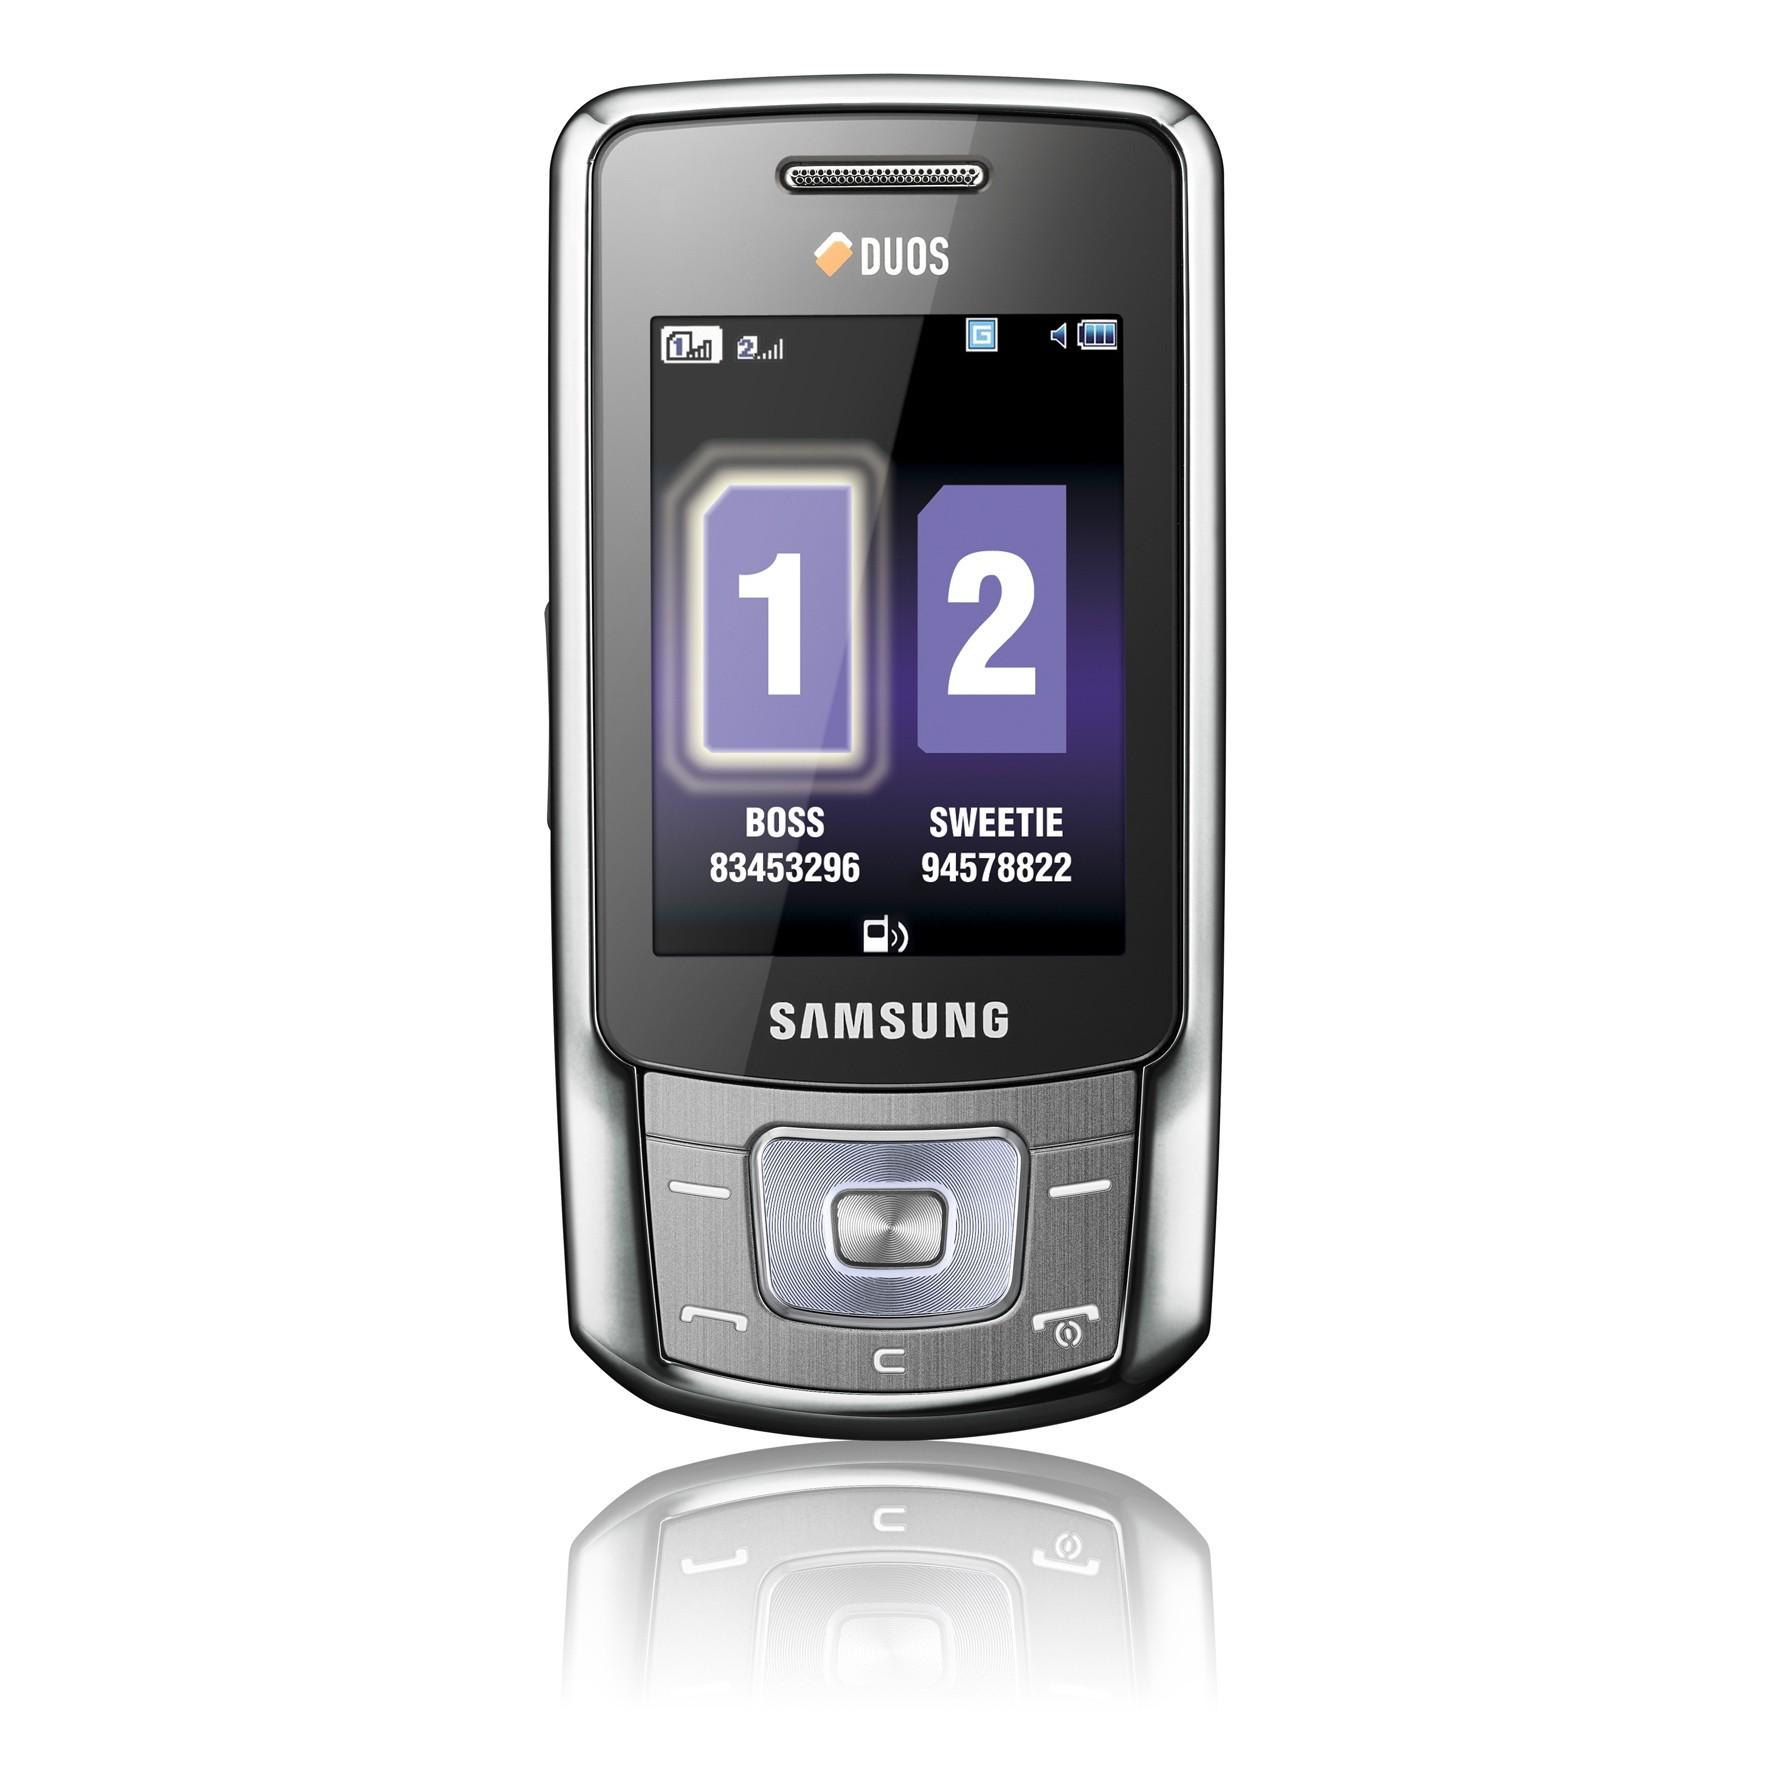 Игровые автоматы версия демо на телефон б 5722 скачать игровые автоматы играть бесплатно молен-руш